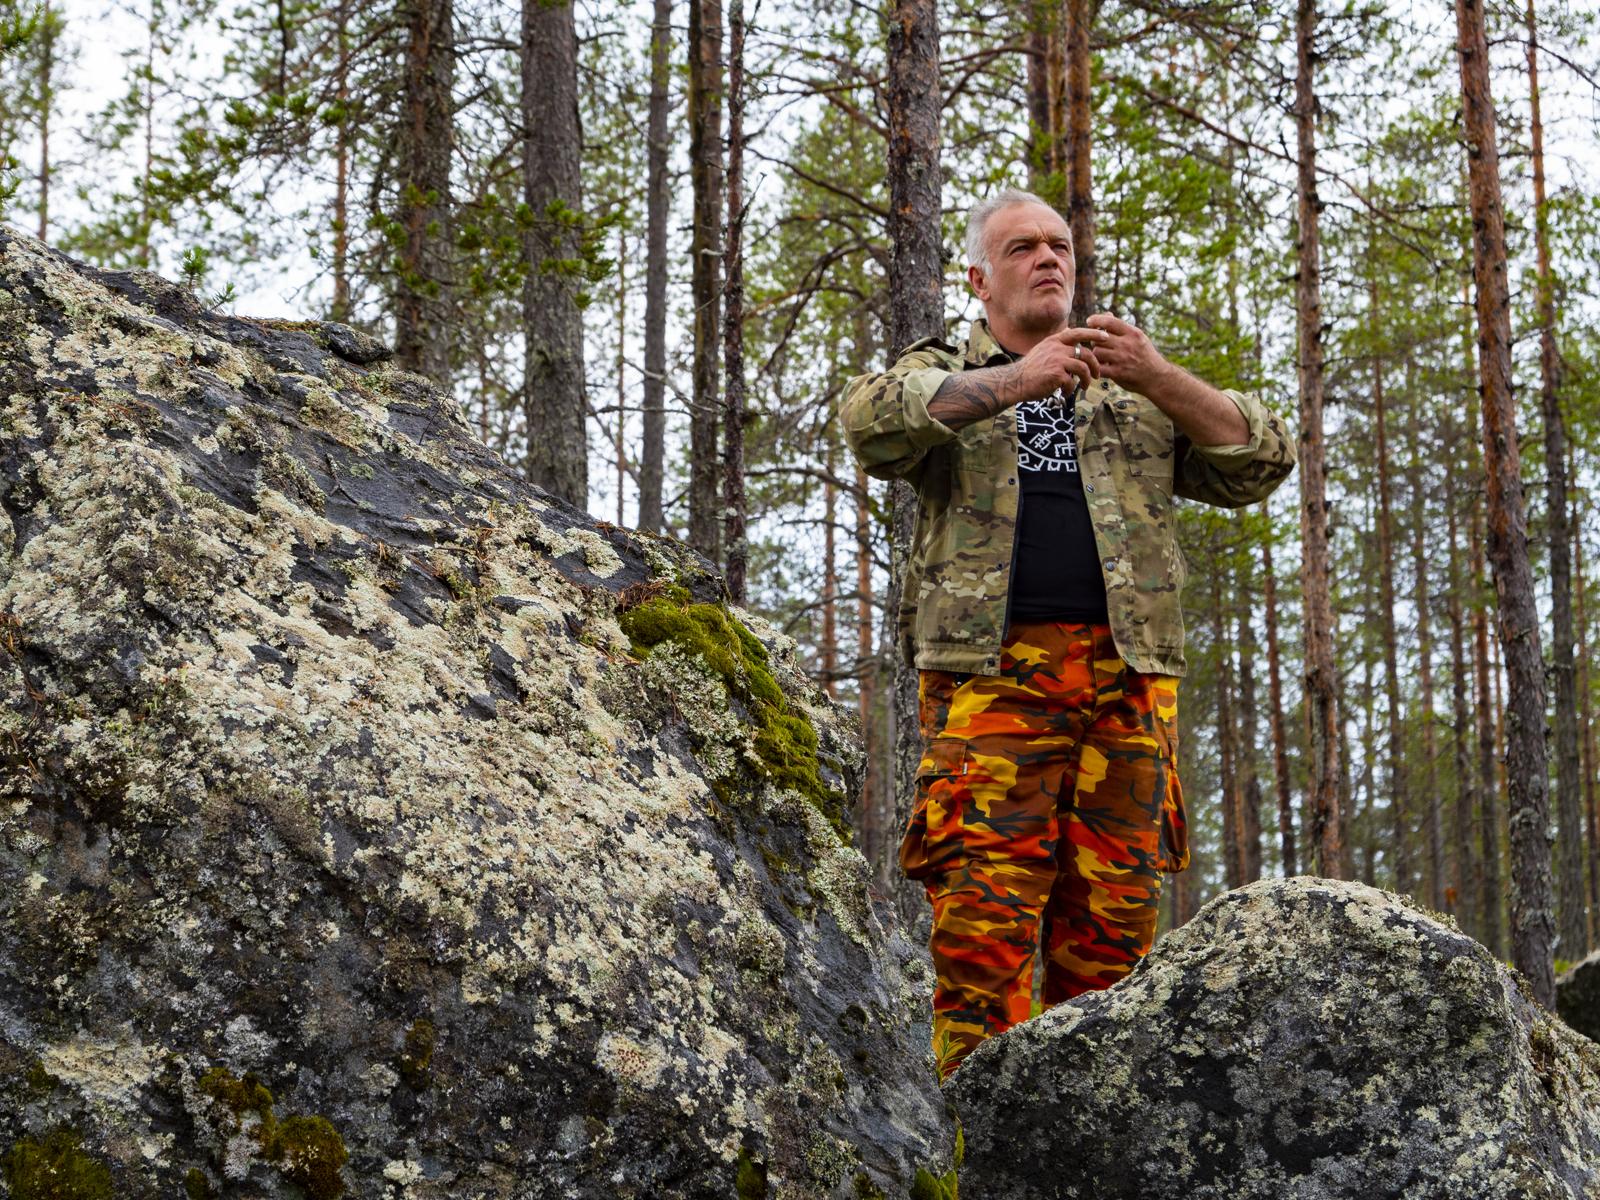 Другой мир, шаманы и дикая природа 48 часов магии Северной Карелии